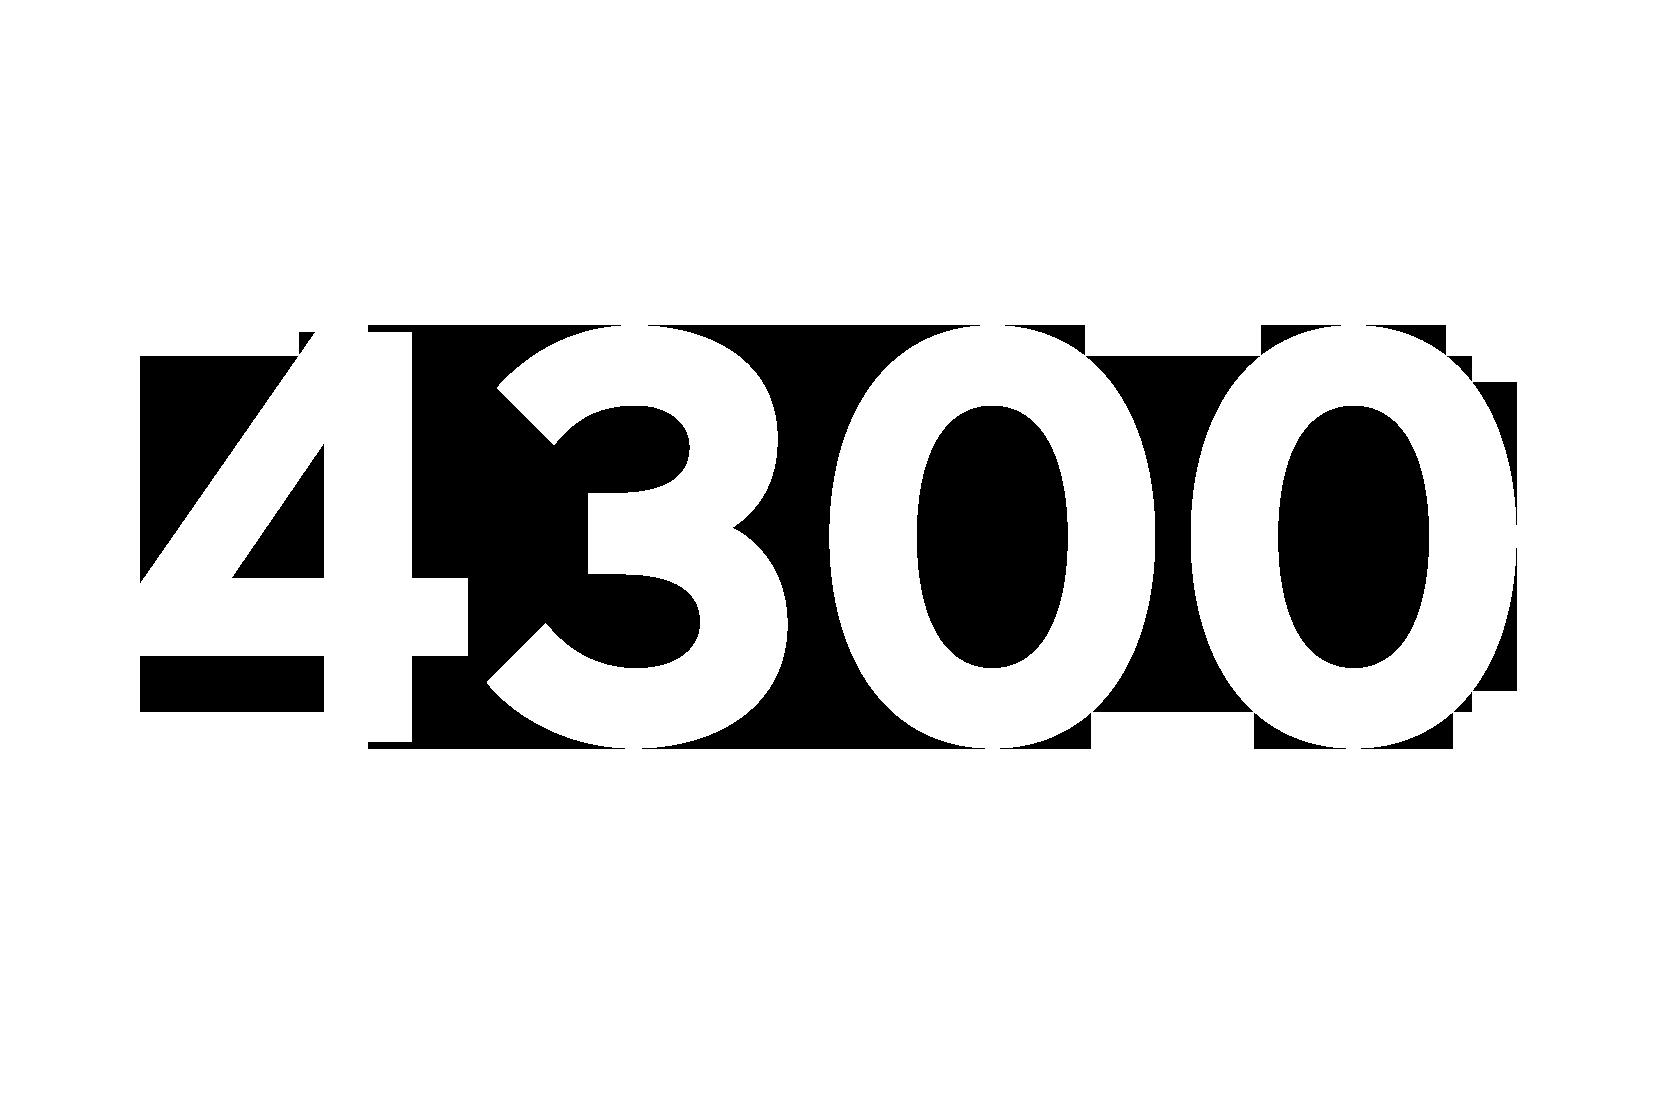 Numeri-7